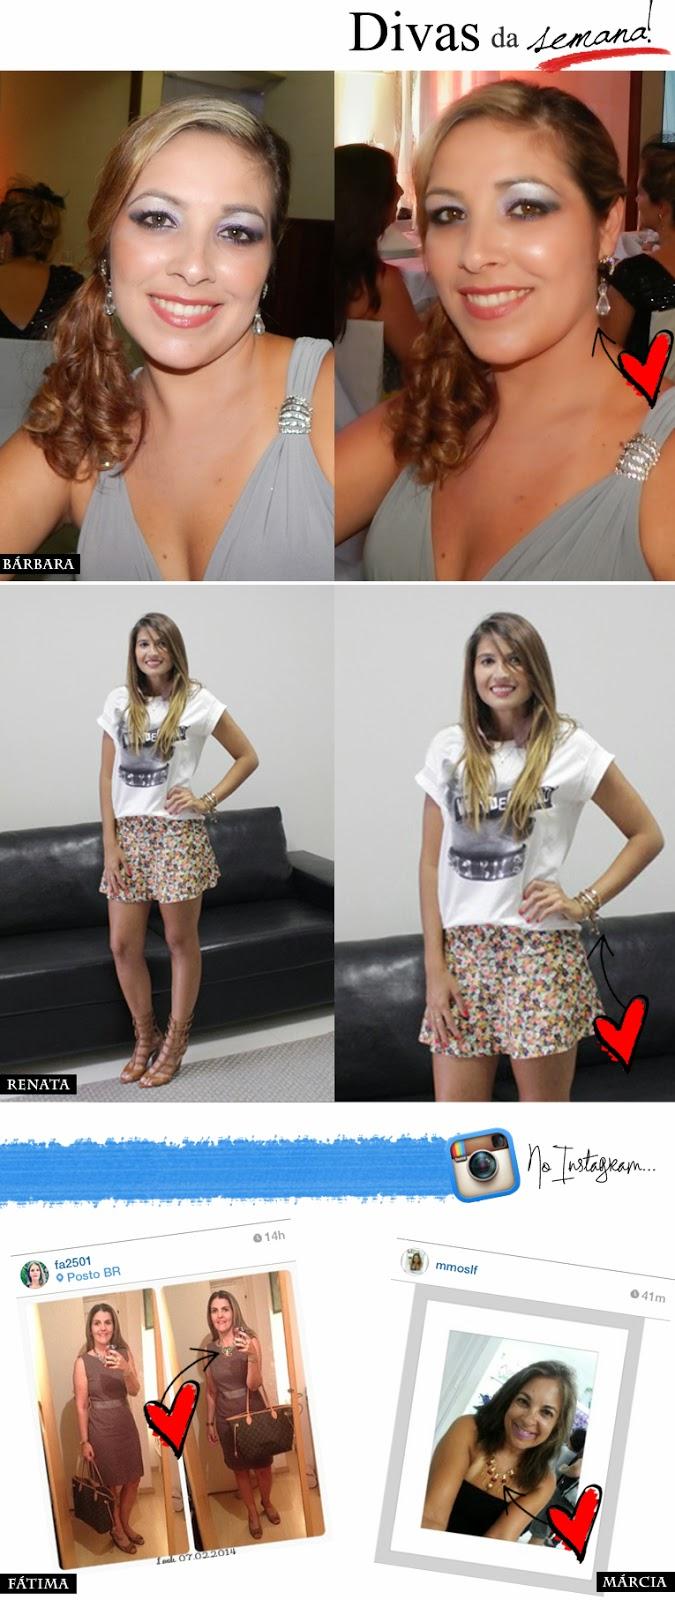 Blog da Jana, Jana Acessórios, acessórios, brincos. colares, pulseiras, 2014, divas